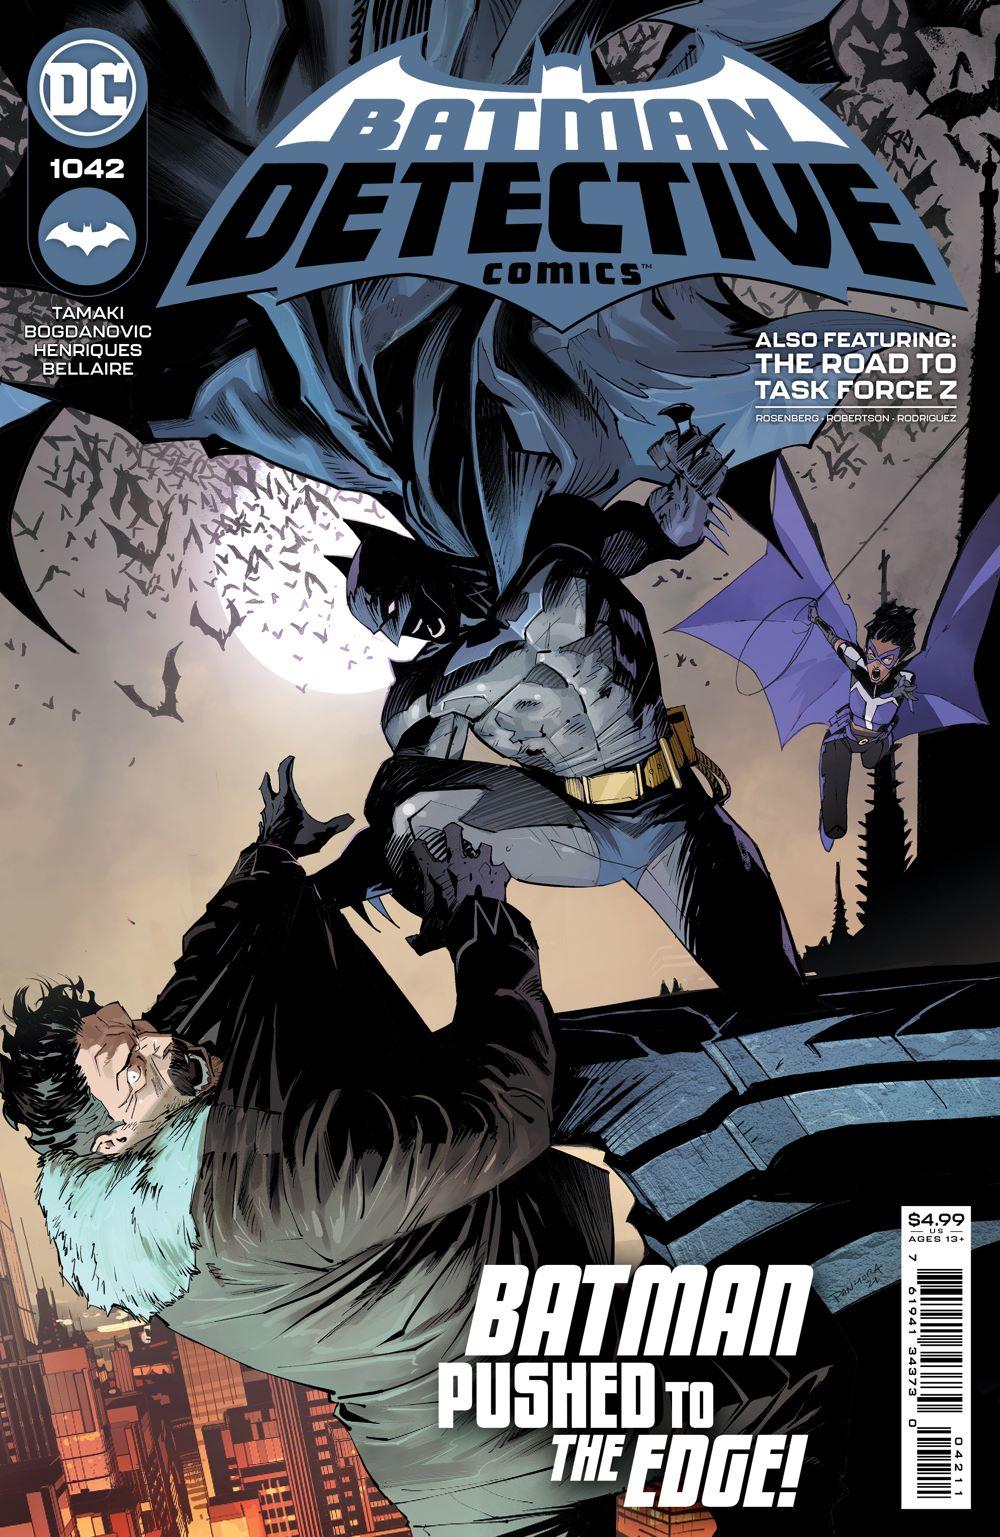 DTC_Cv1042 DC Comics August 2021 Solicitations